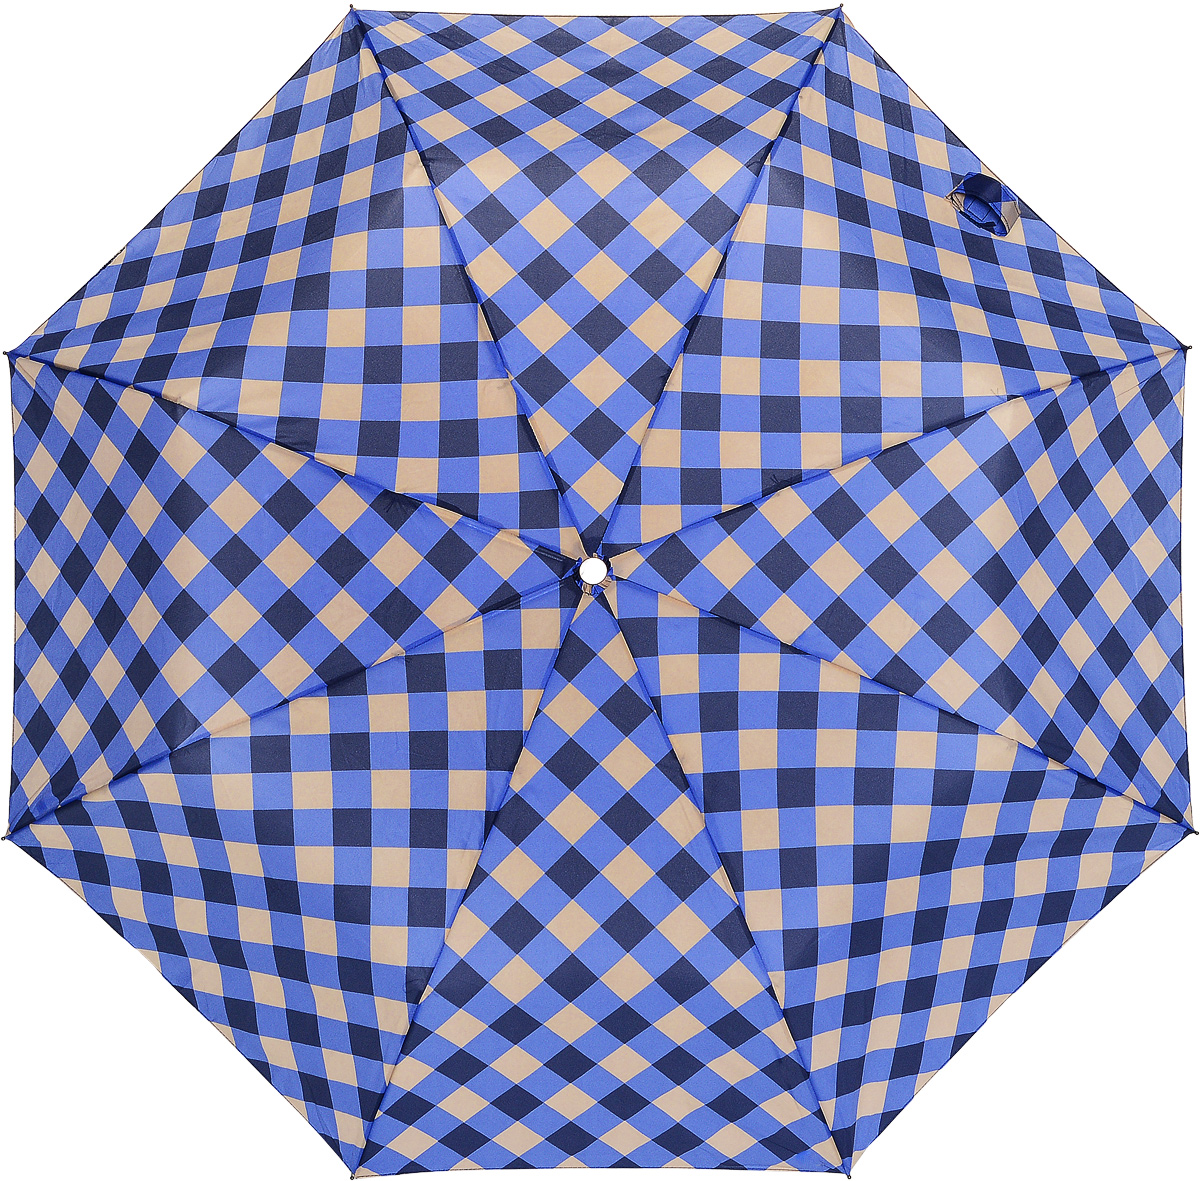 C-Collection 512-3 Зонт механический 3 сл. жен.REM12-CAM-GREENBLACKЗонт испанского производителя Clima. В производстве зонтов используются современные материалы, что делает зонты легкими, но в то же время крепкими. Механический, 3 сложения, 7 спиц по 55 см, полиэстер.